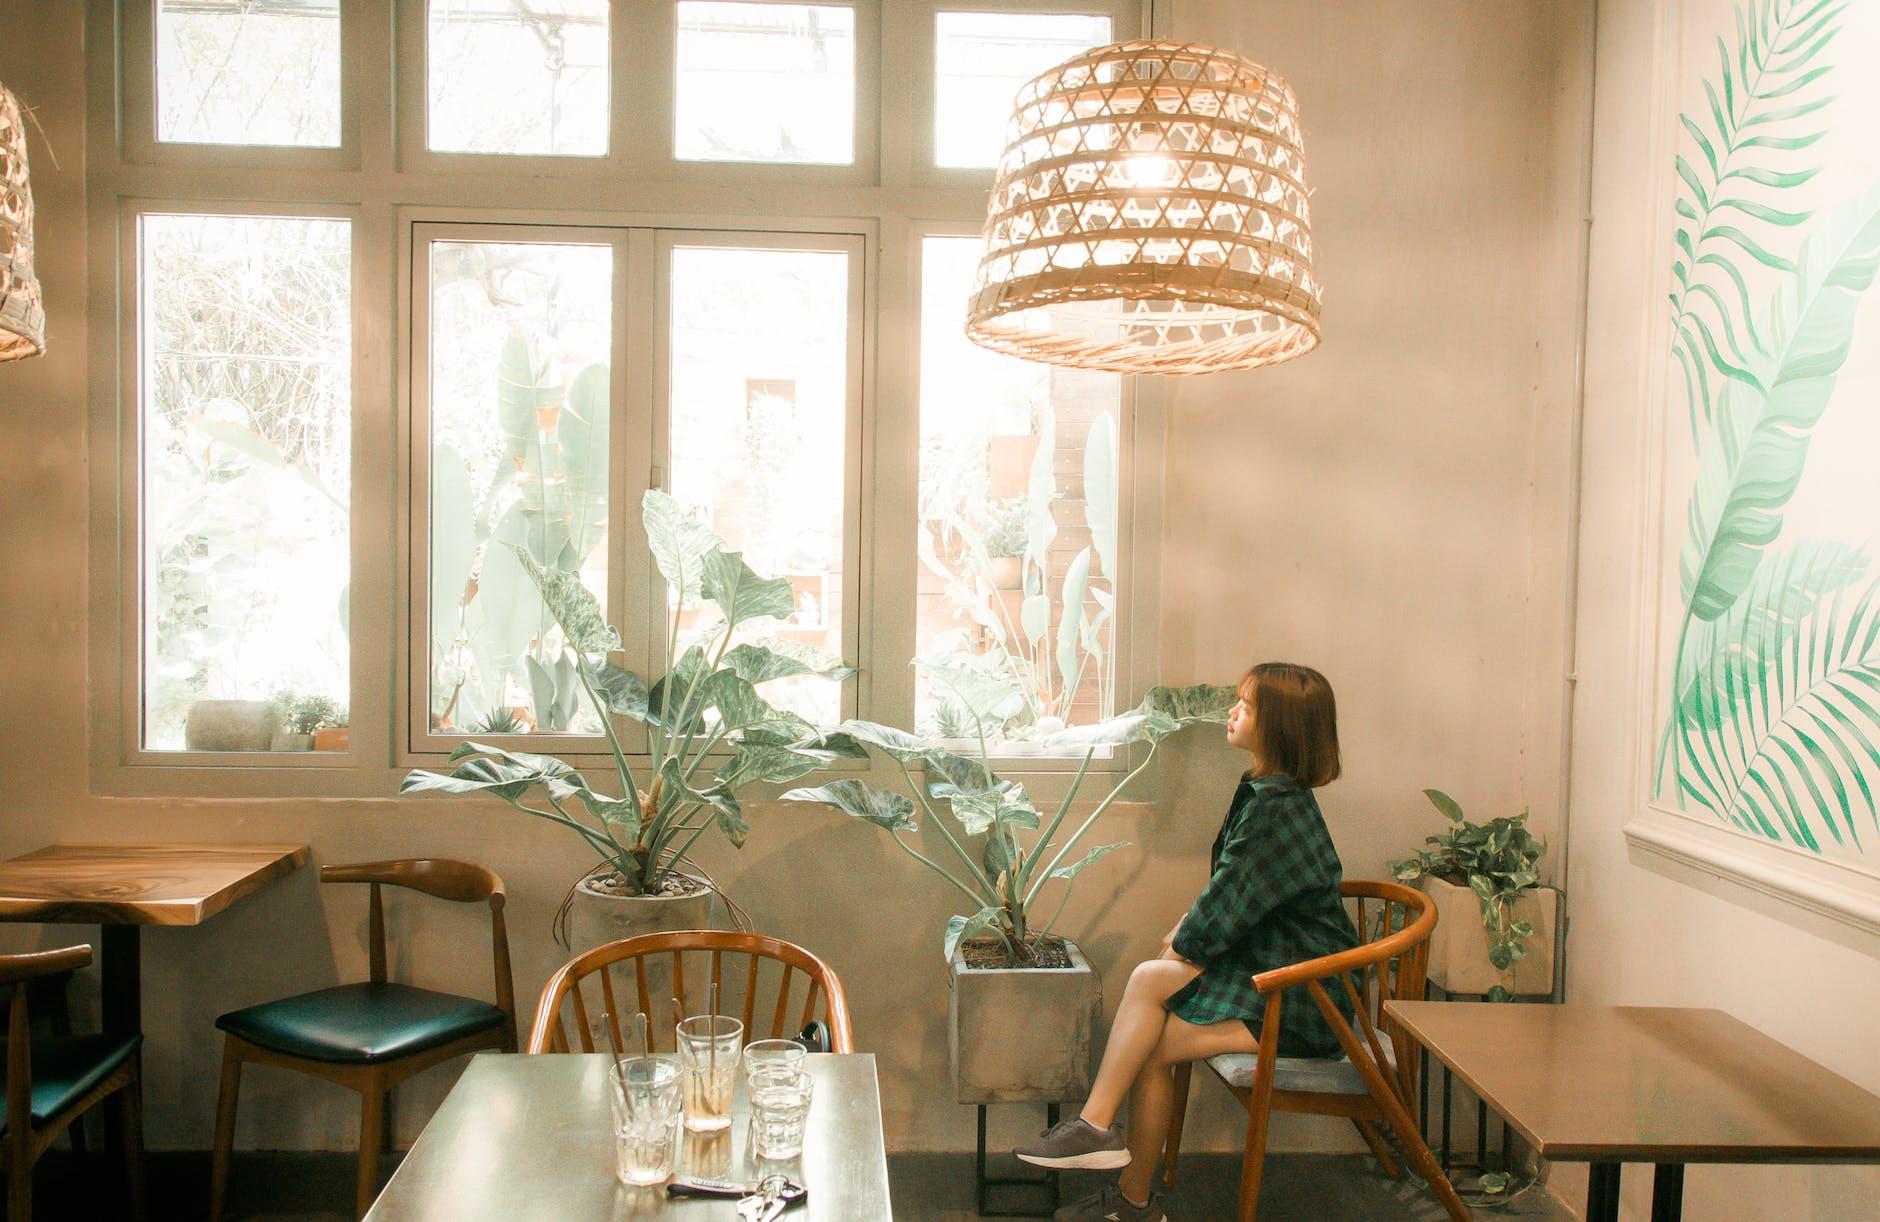 Diseño de cafetería mediterráneo